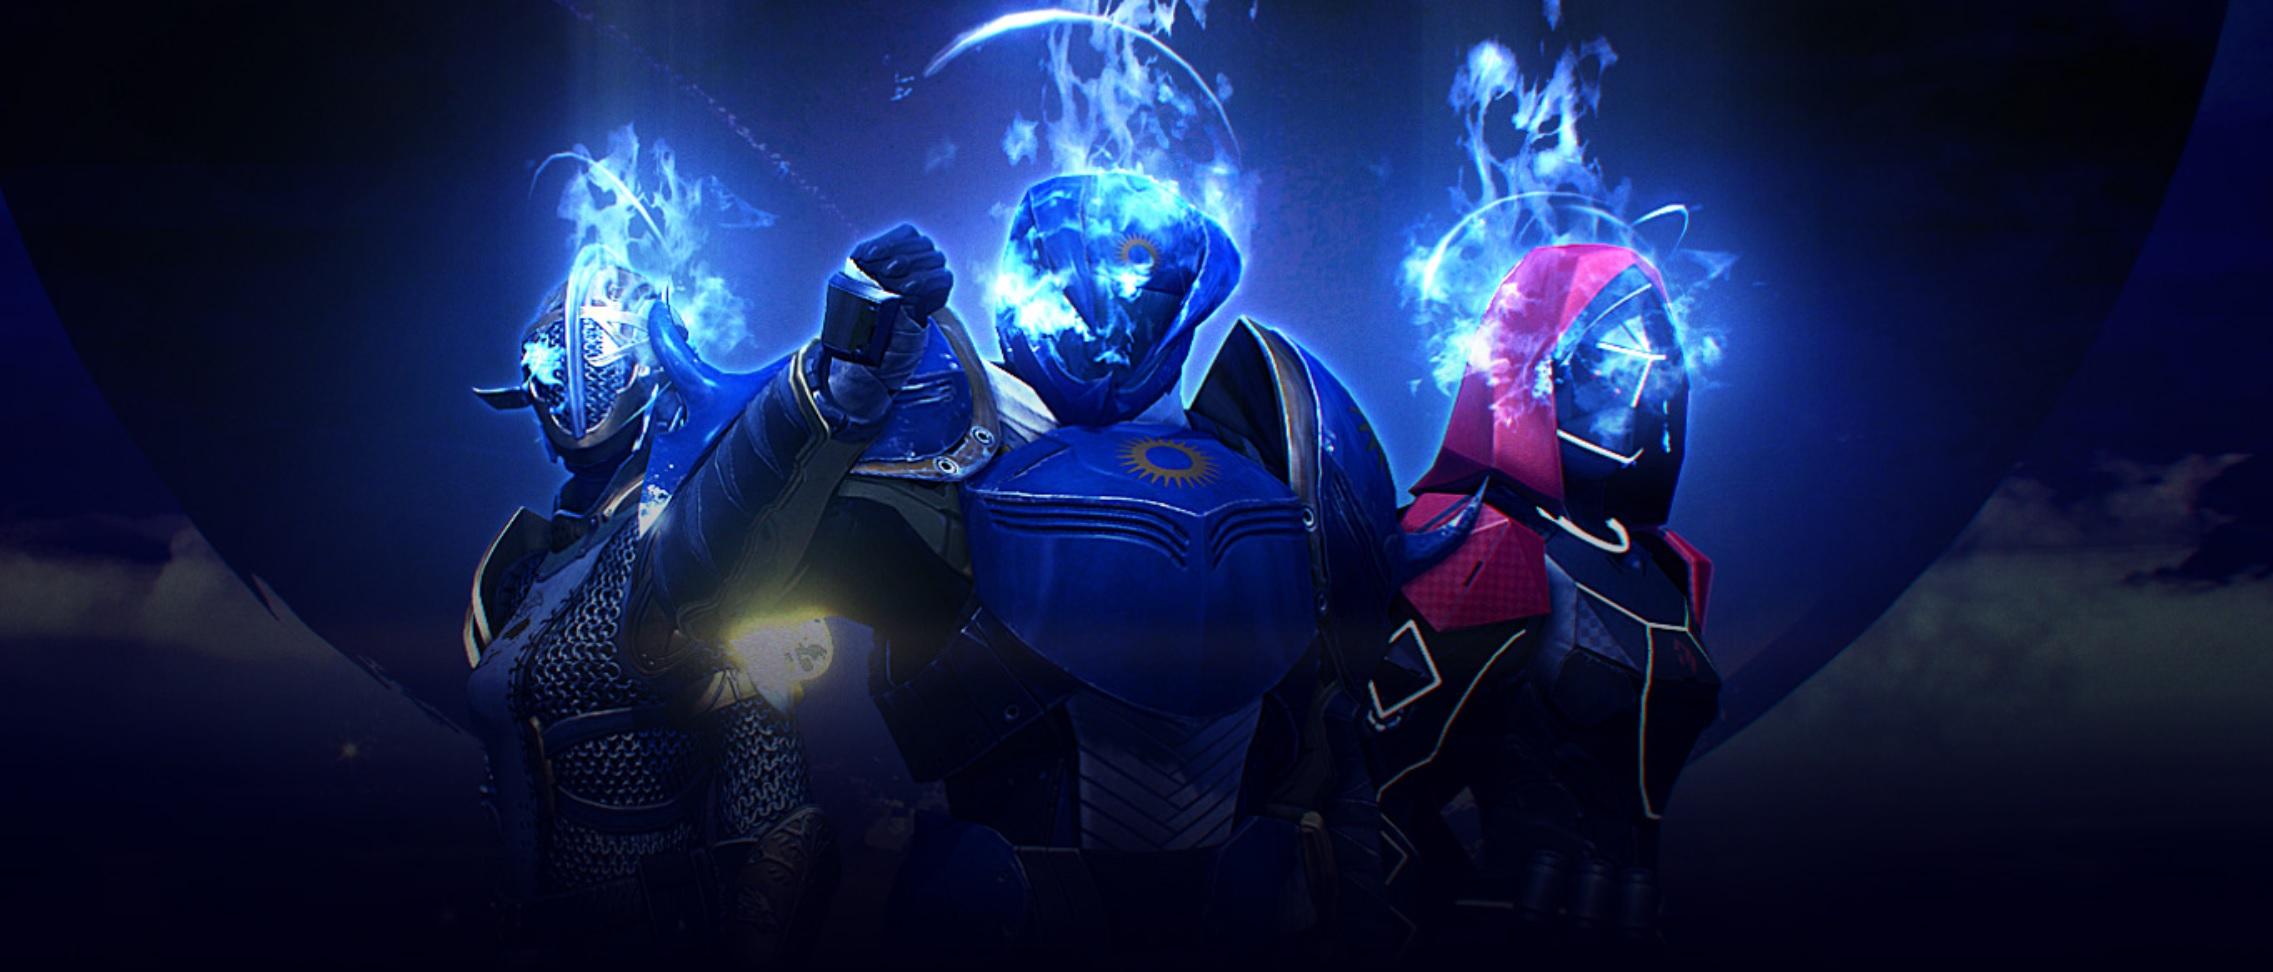 Destiny: Weniger Playlists, mehr Beutezüge – Große PvP-Neuerungen kommen